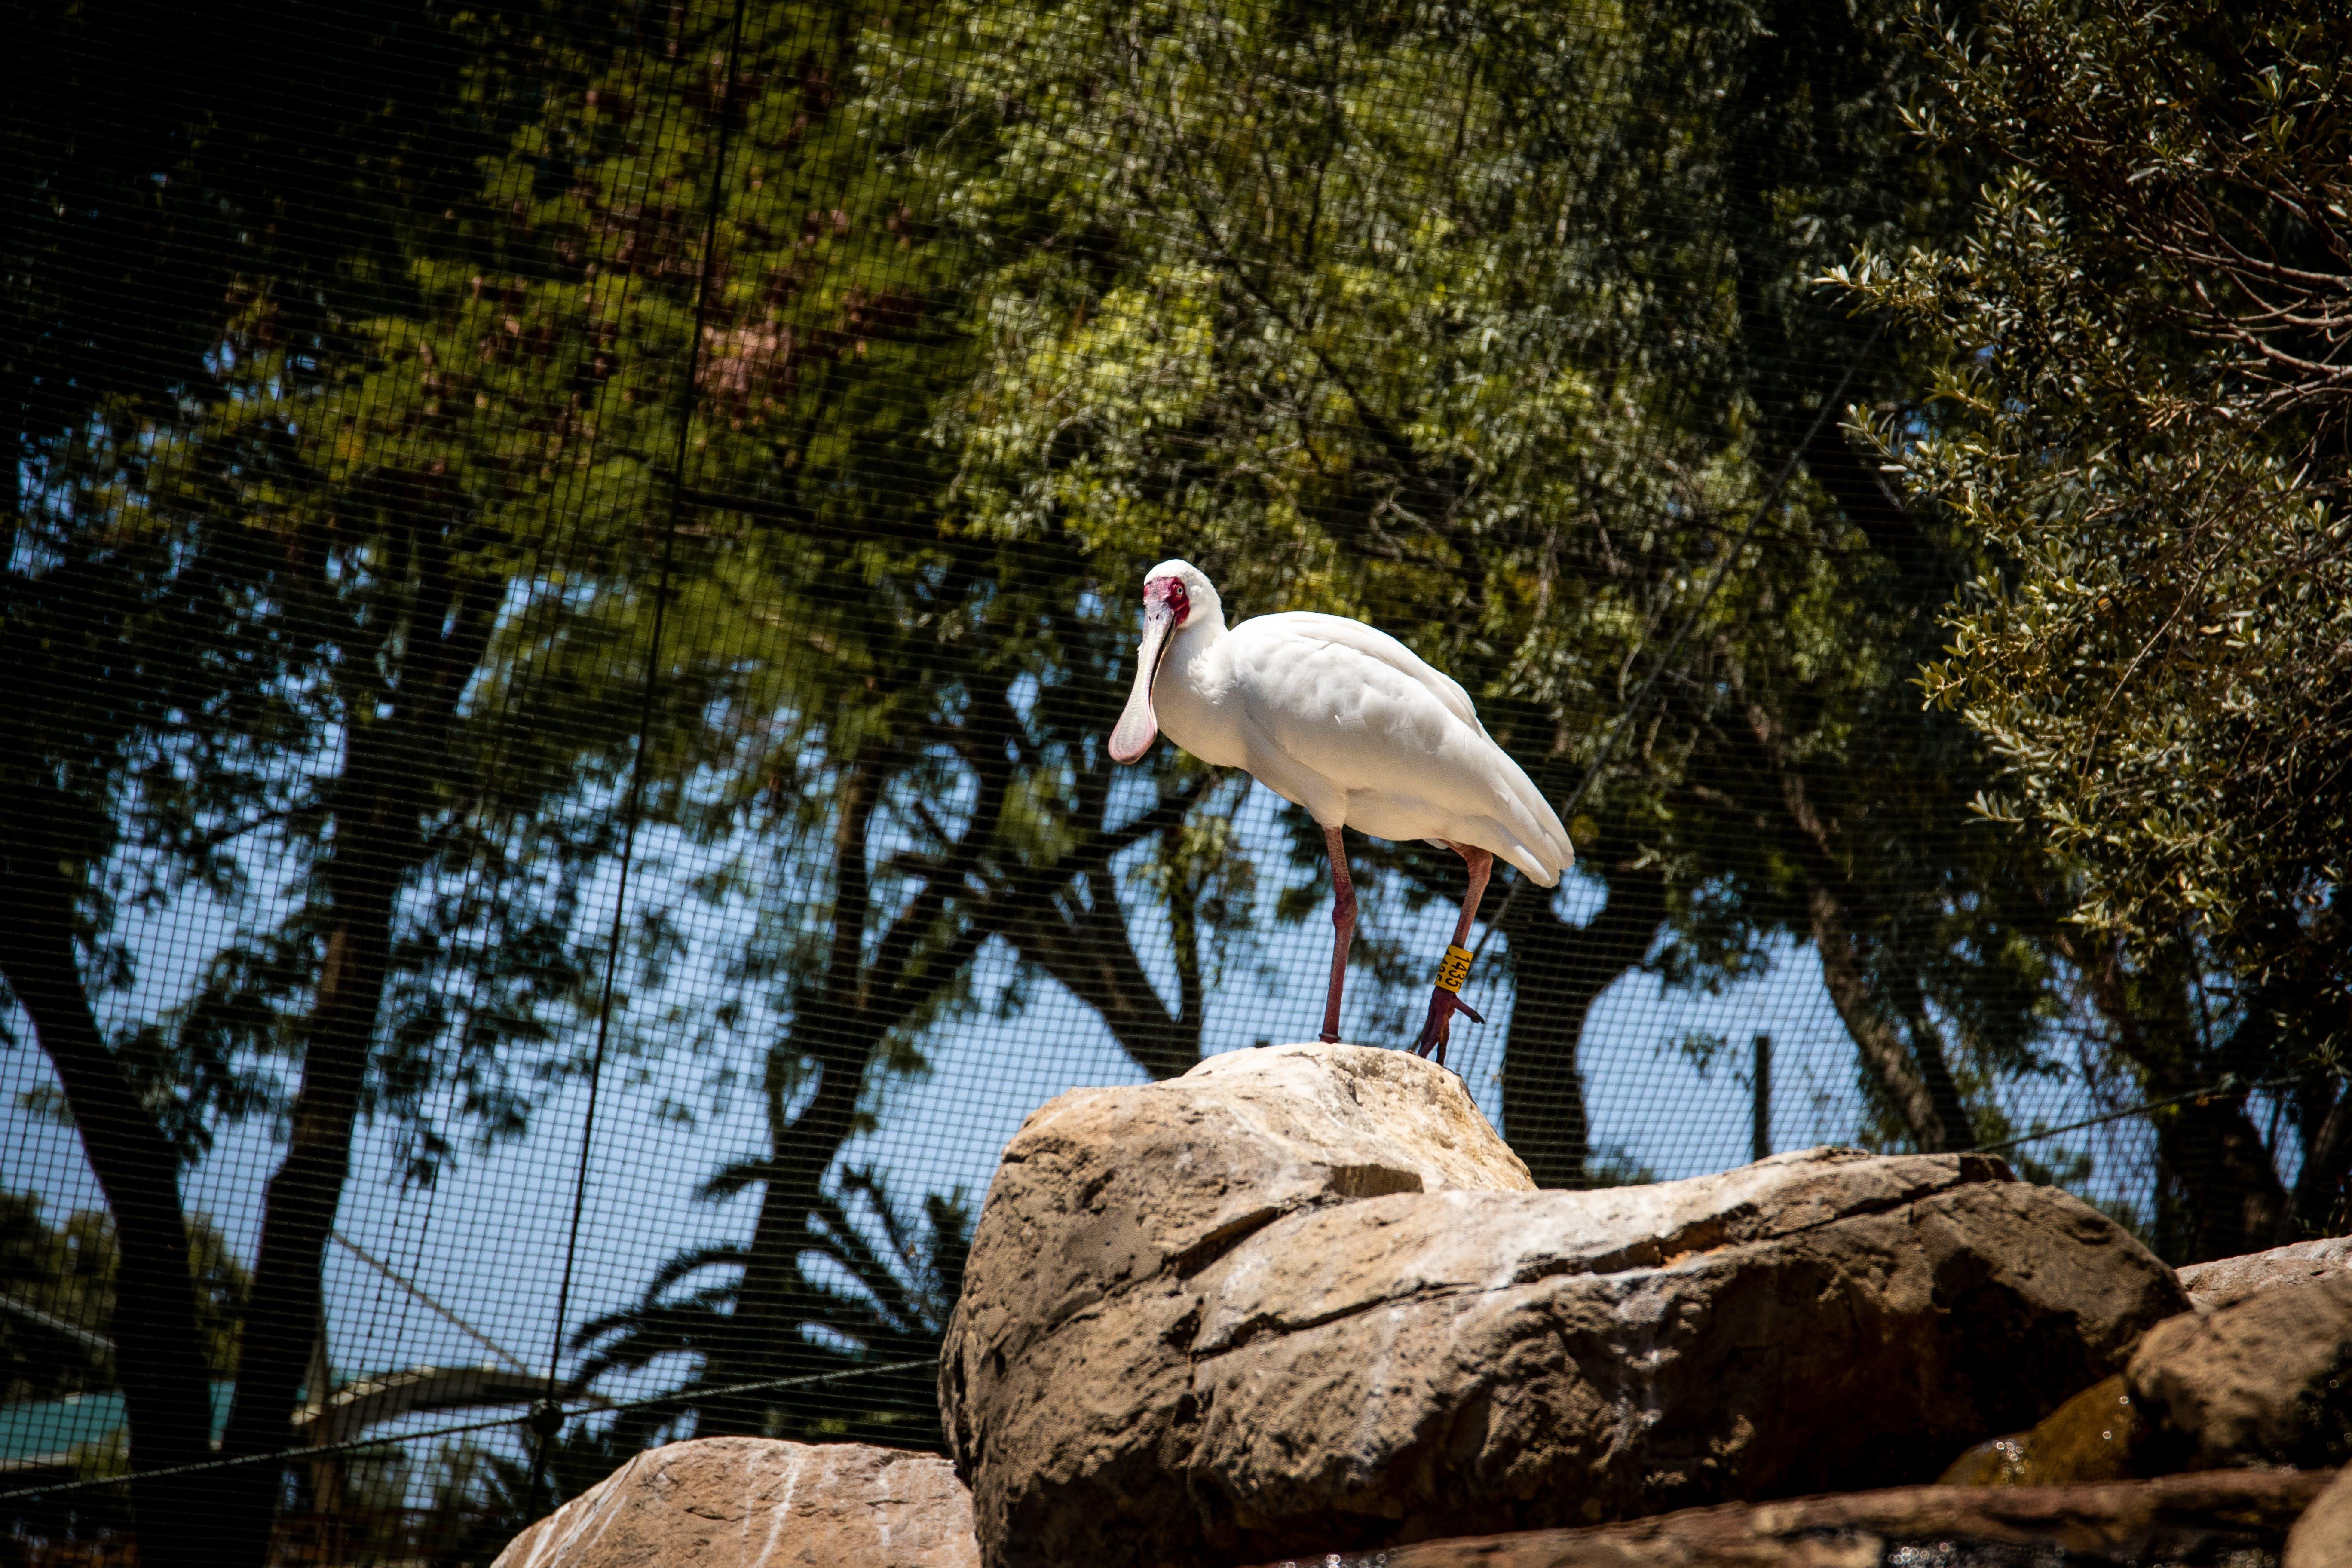 スプーンビル, パーク, 動物園, 岩の無料の写真素材